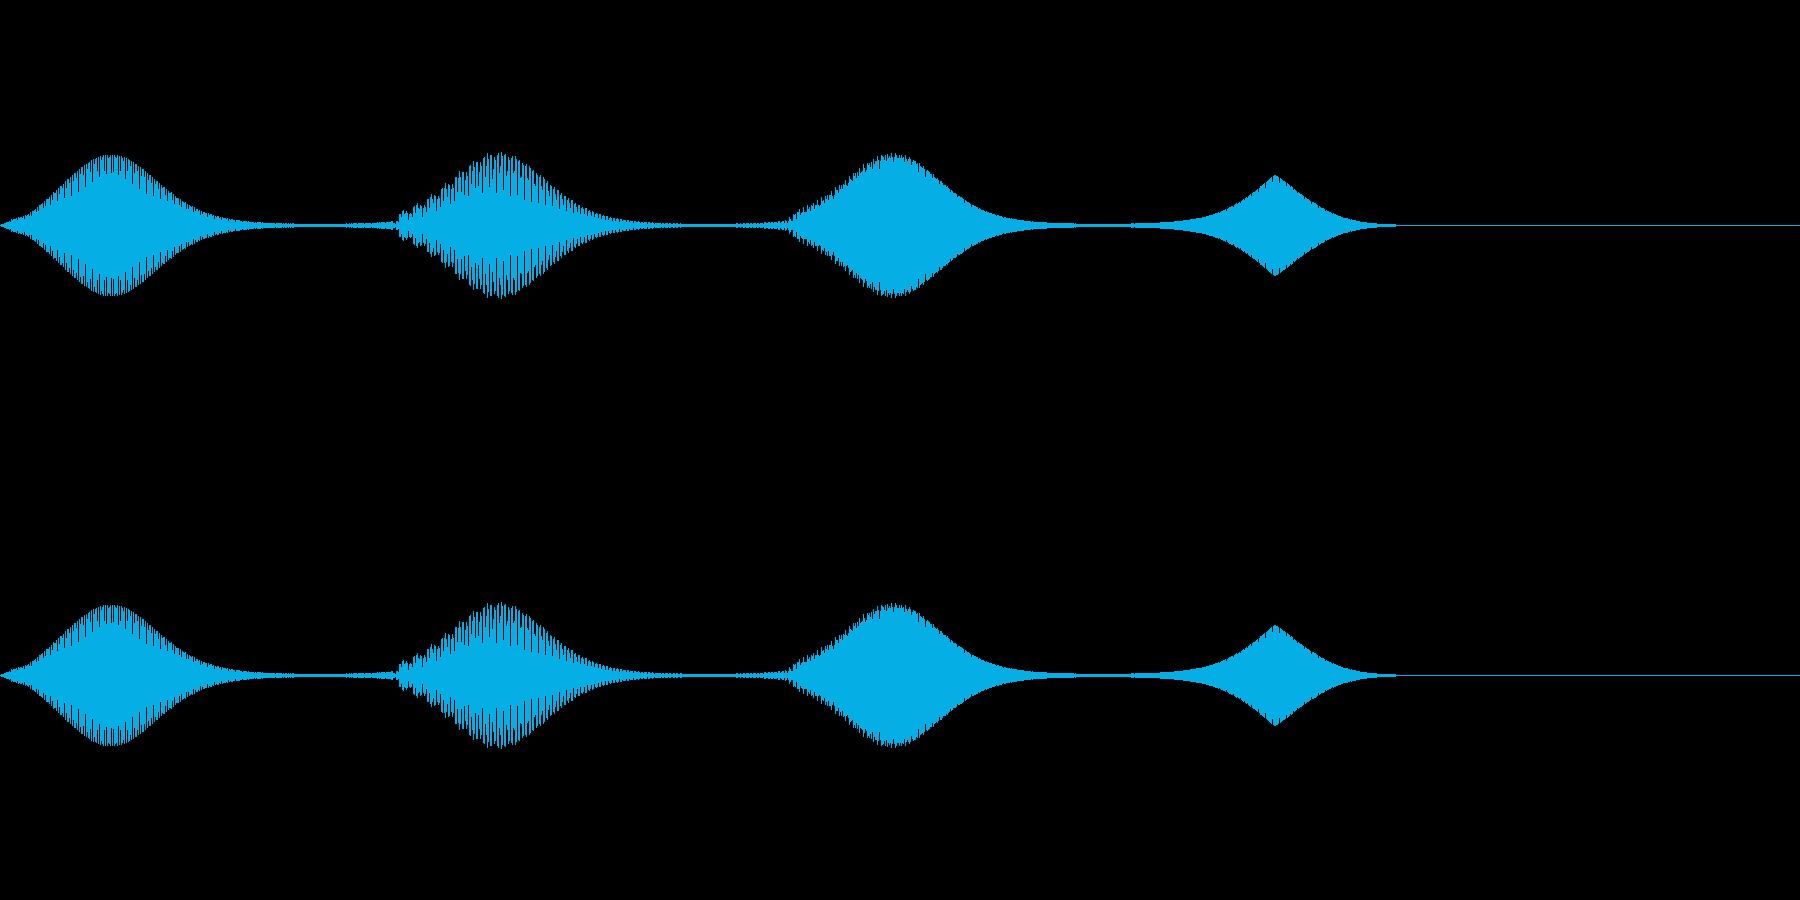 「決定」「選択」などのイメージの再生済みの波形